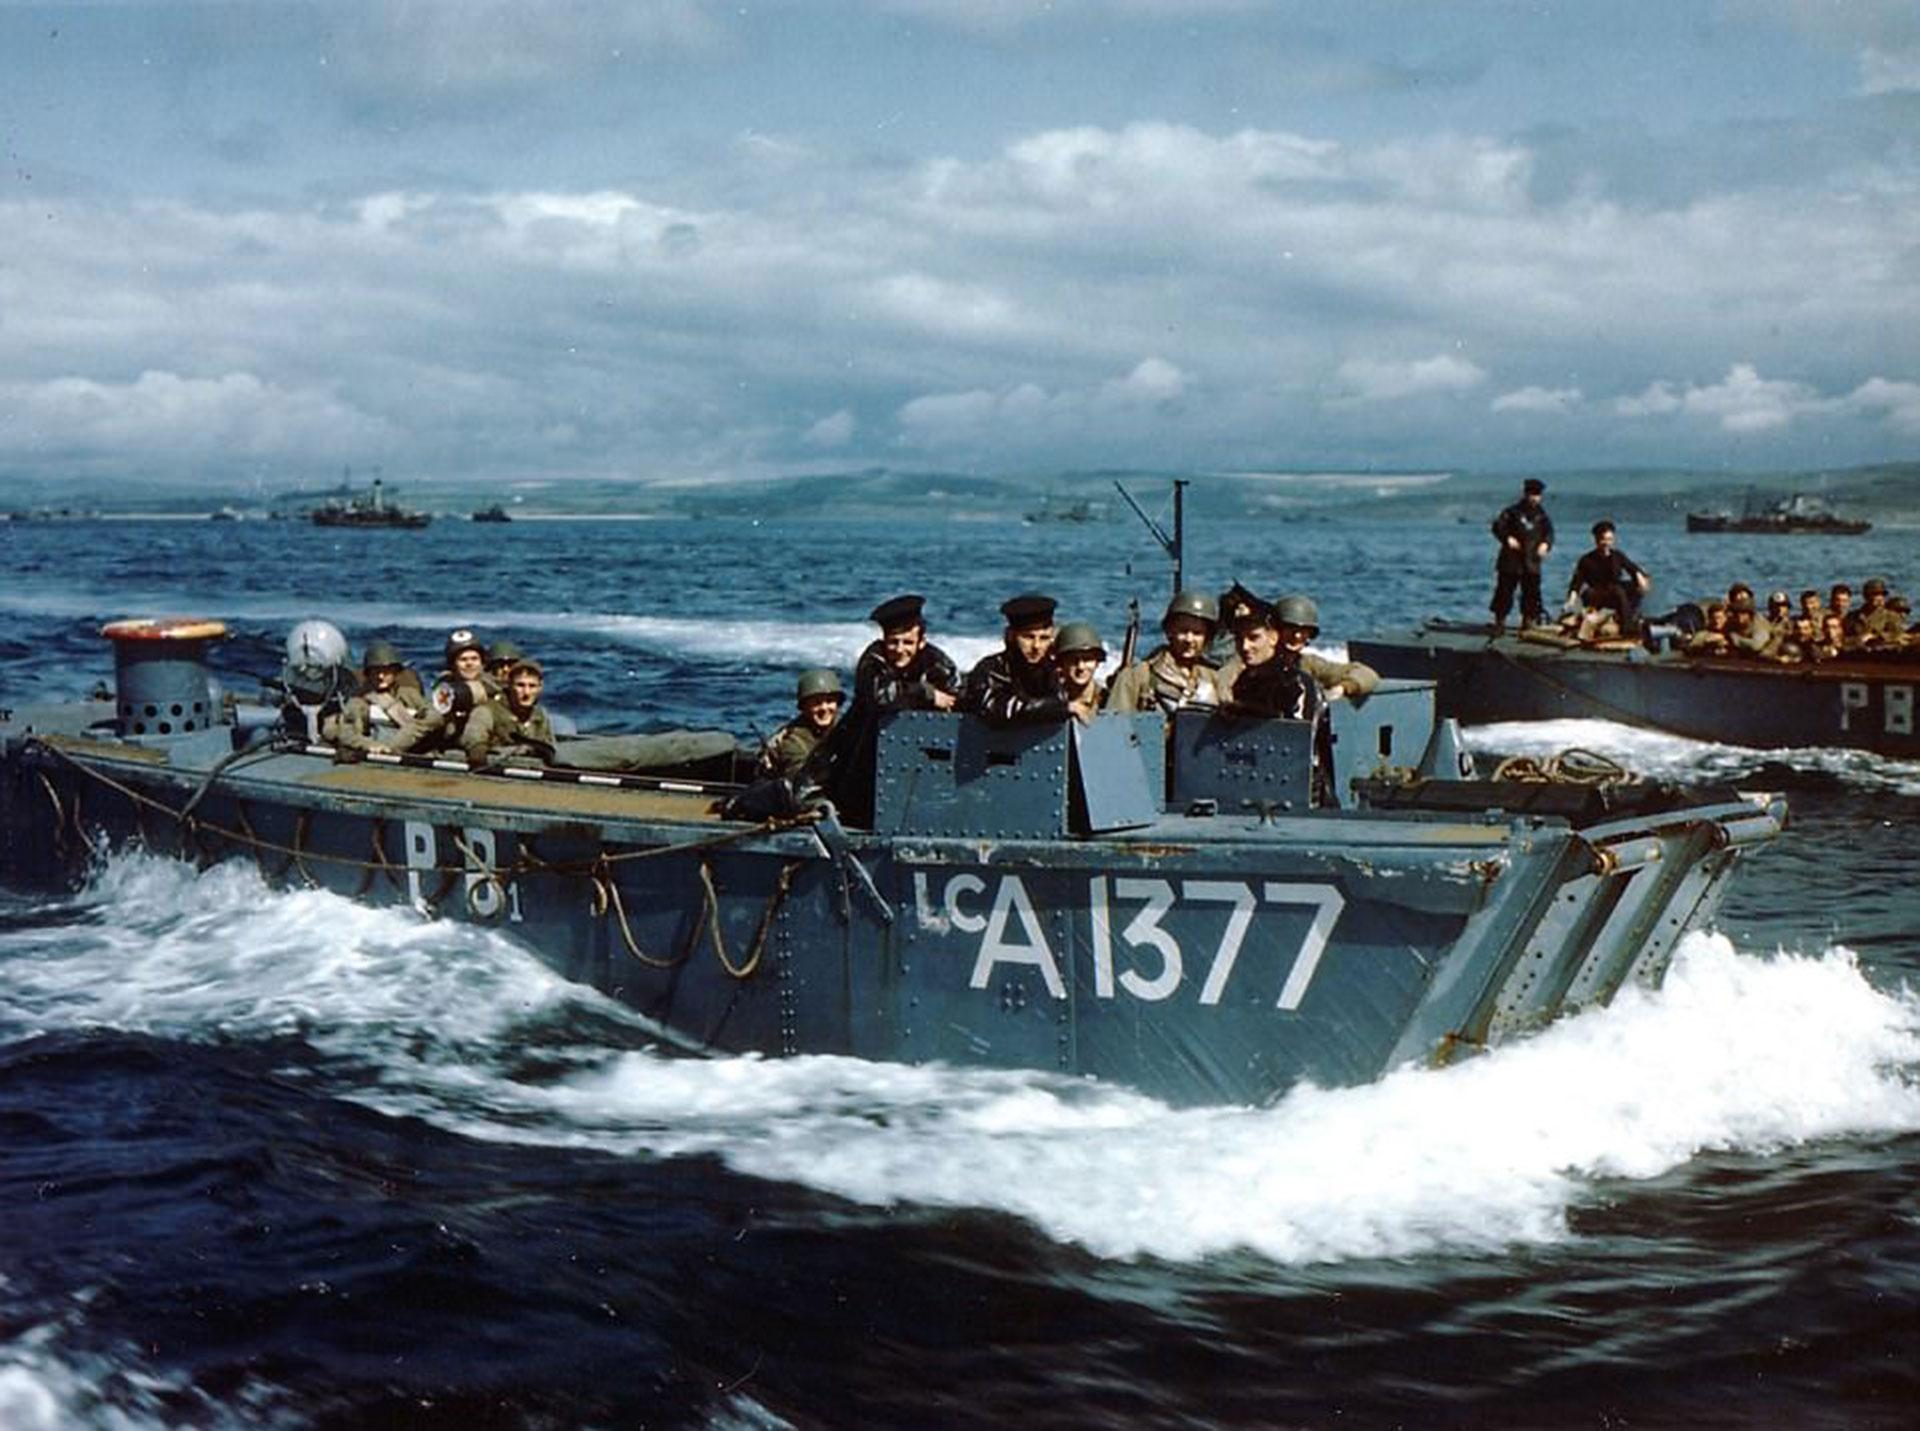 Las tropas aliadas se aprestan a desembarcar en Normandía. Sería el comienzo del fin de la Segunda Guerra Mundial (National Archives of Canada)